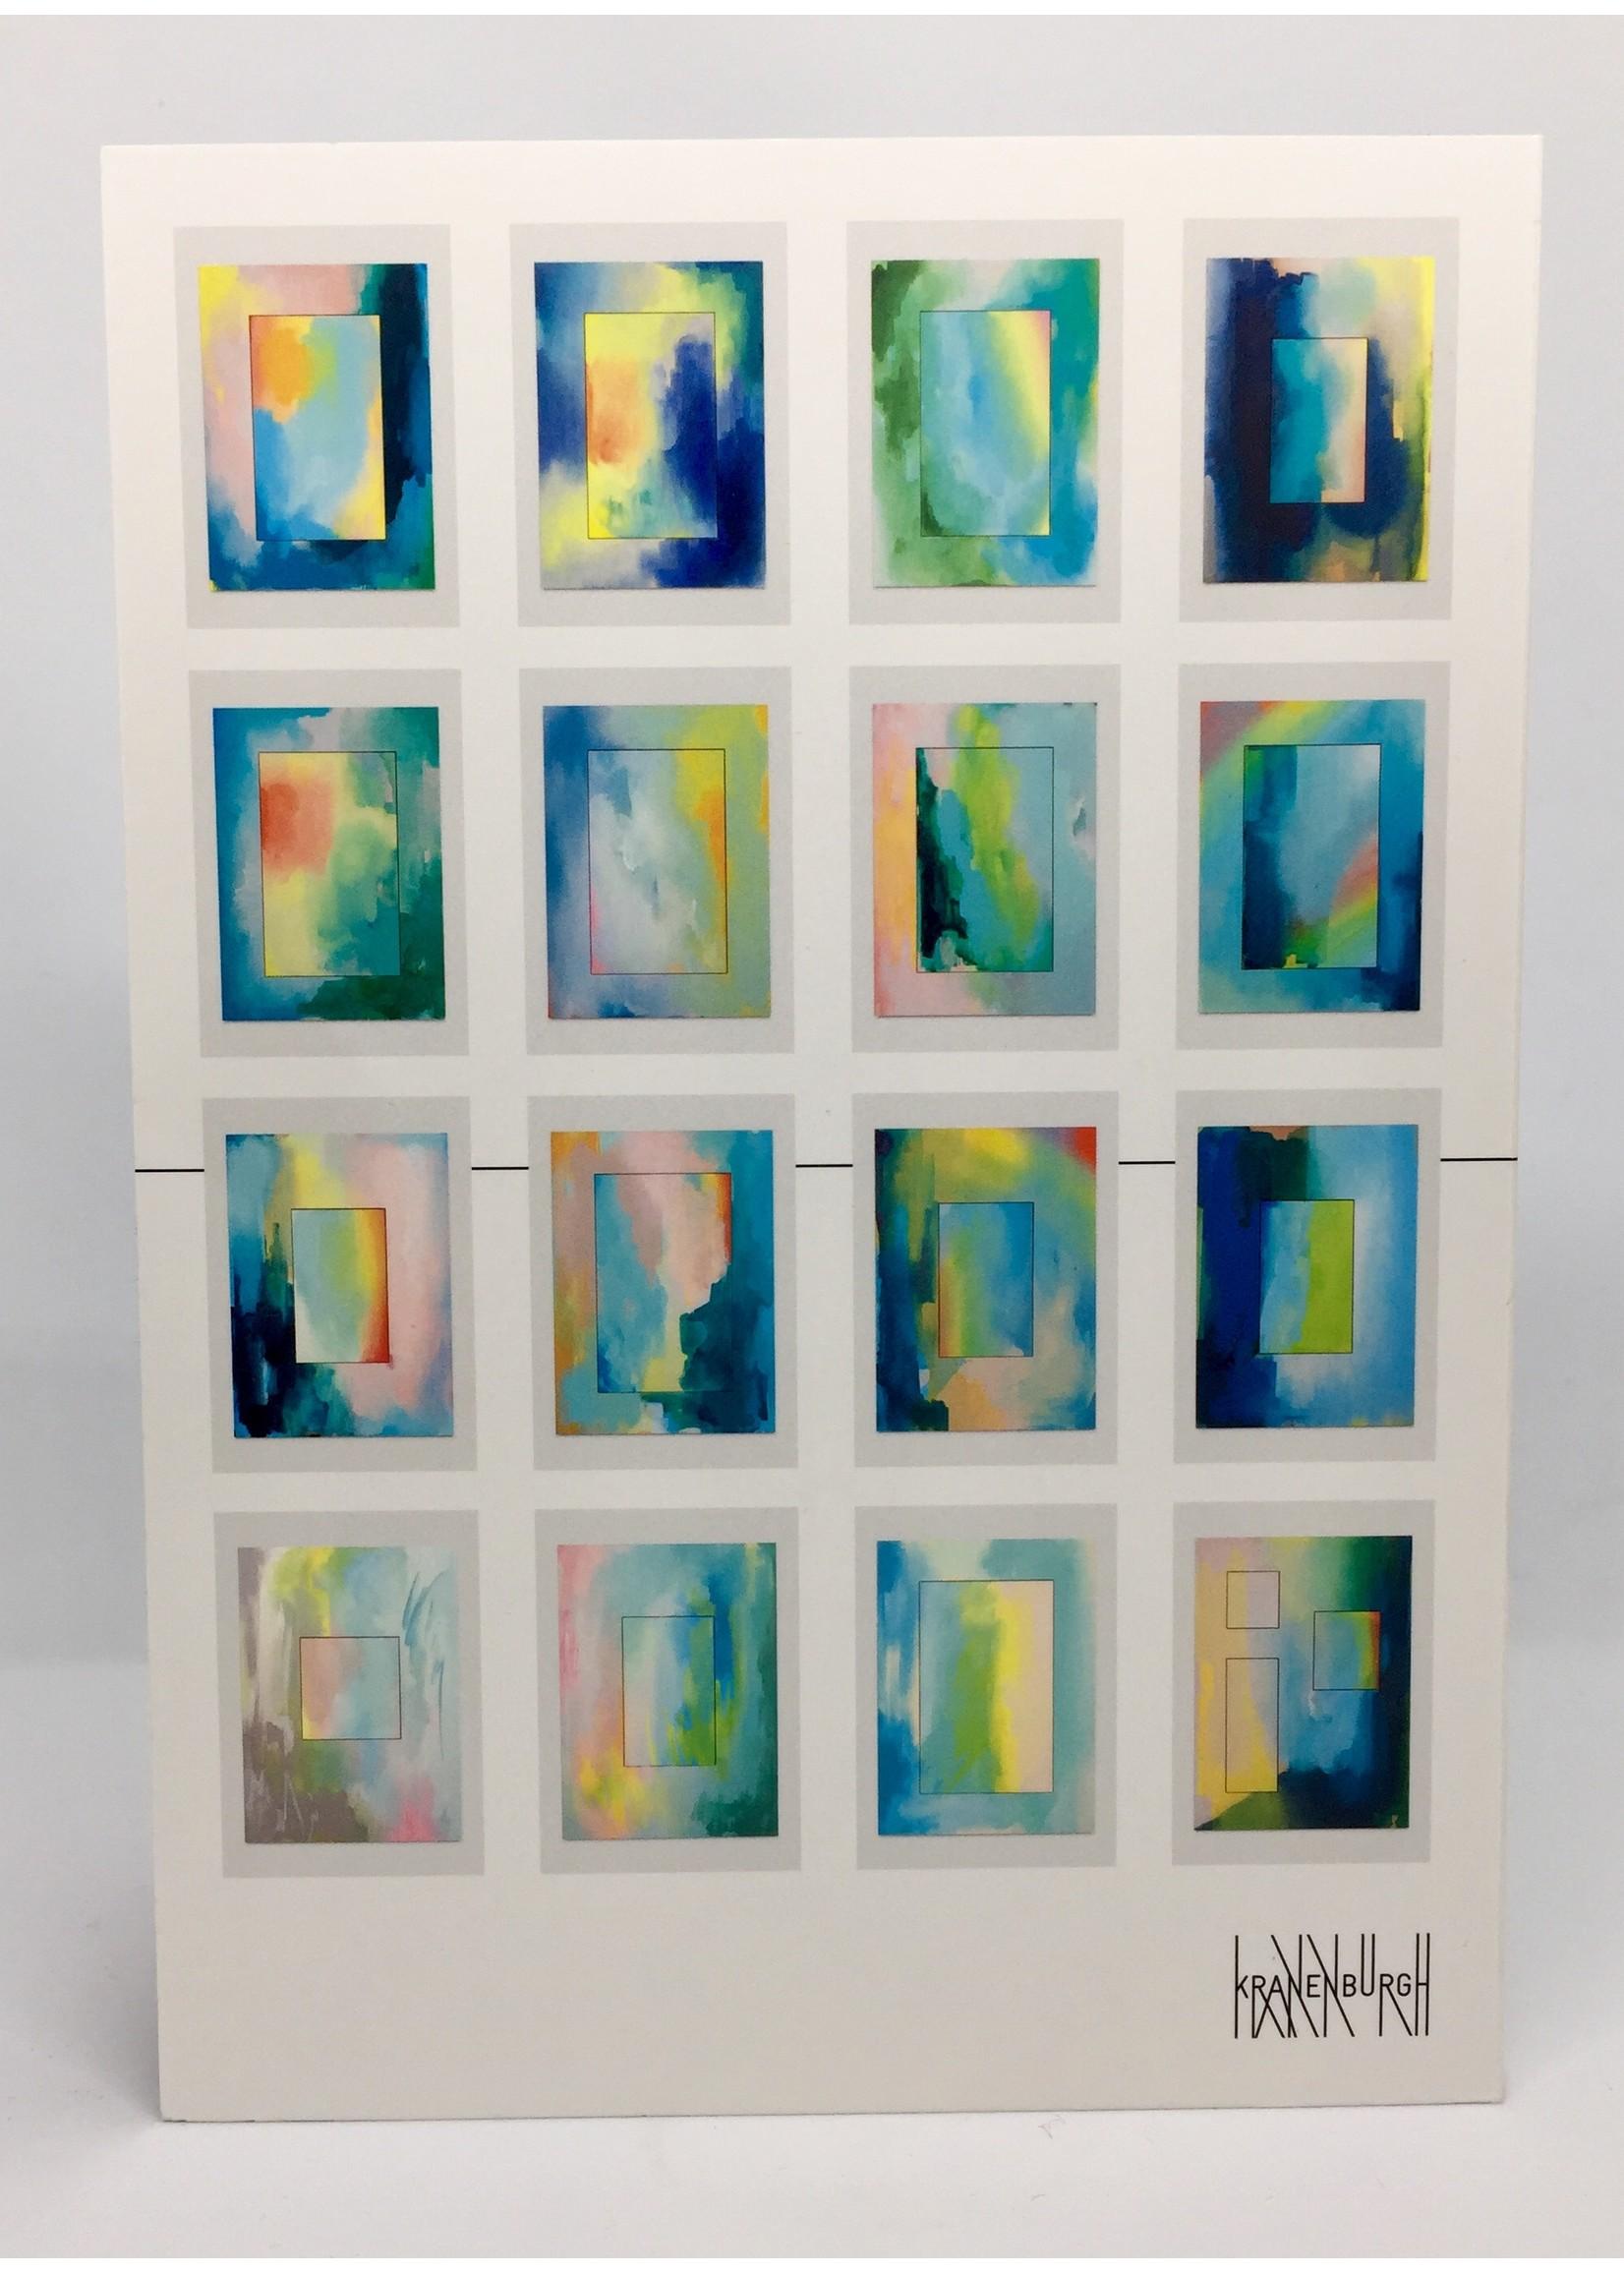 Kunstkartenbuch von Esther Tielemans